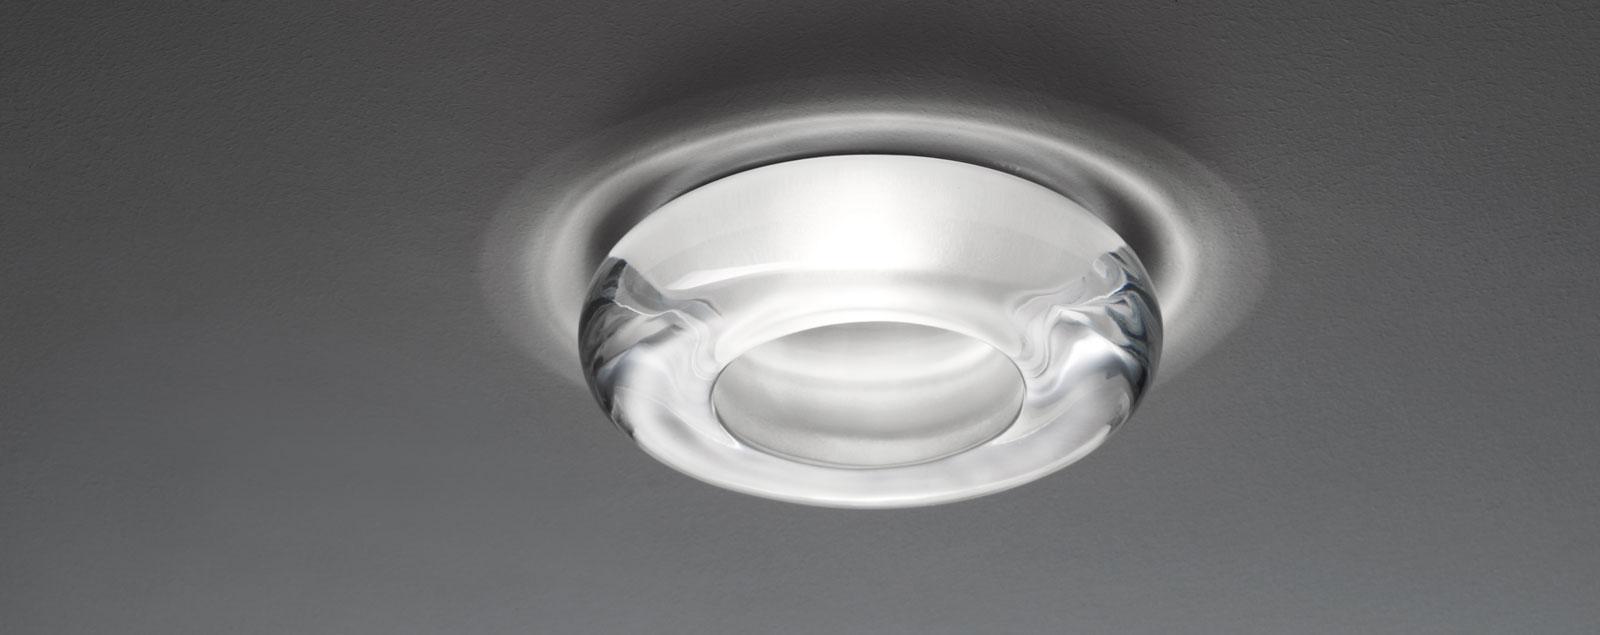 D27 Faretti Tondo recessed lighting - Fabbian Illuminazione